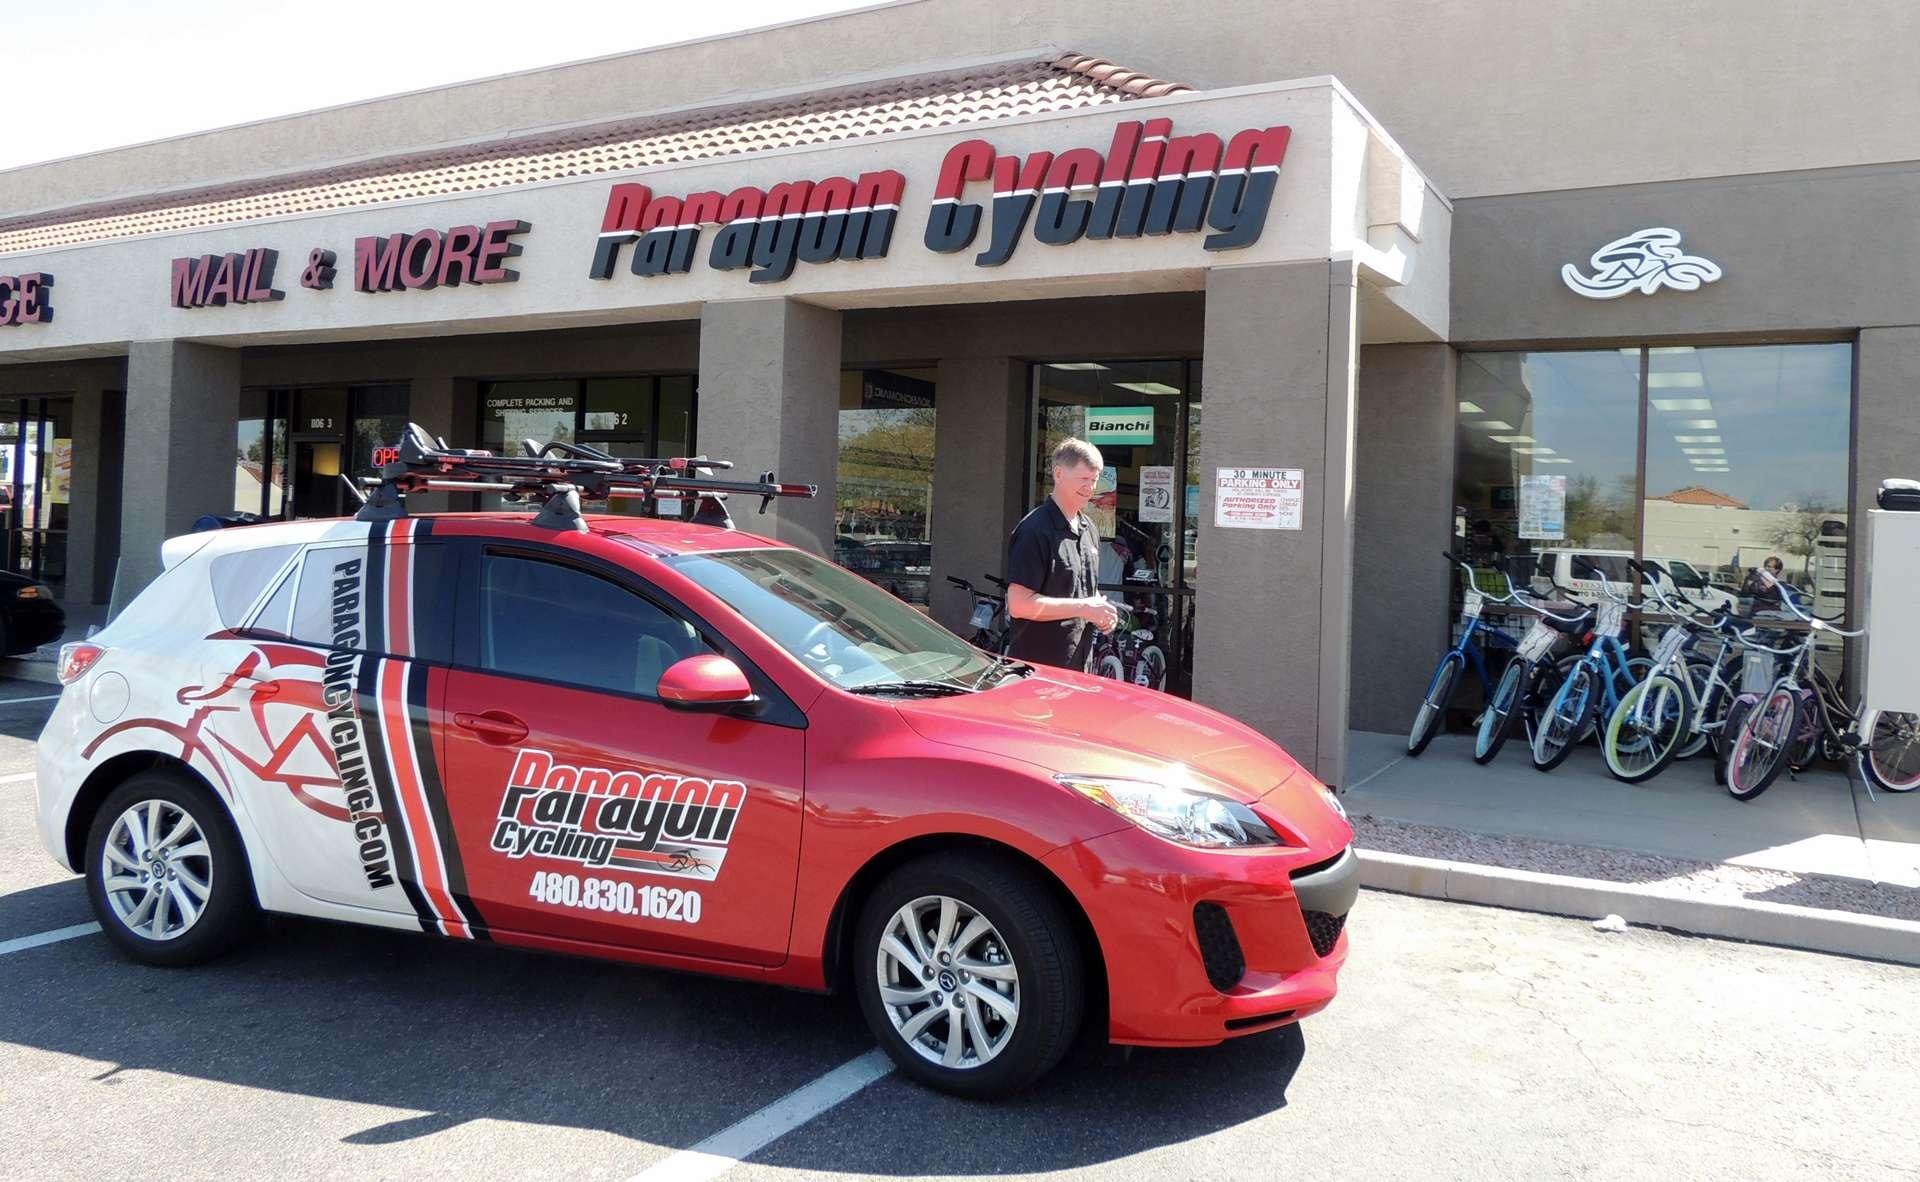 Paragon Cycling, Mesa, AZ store front